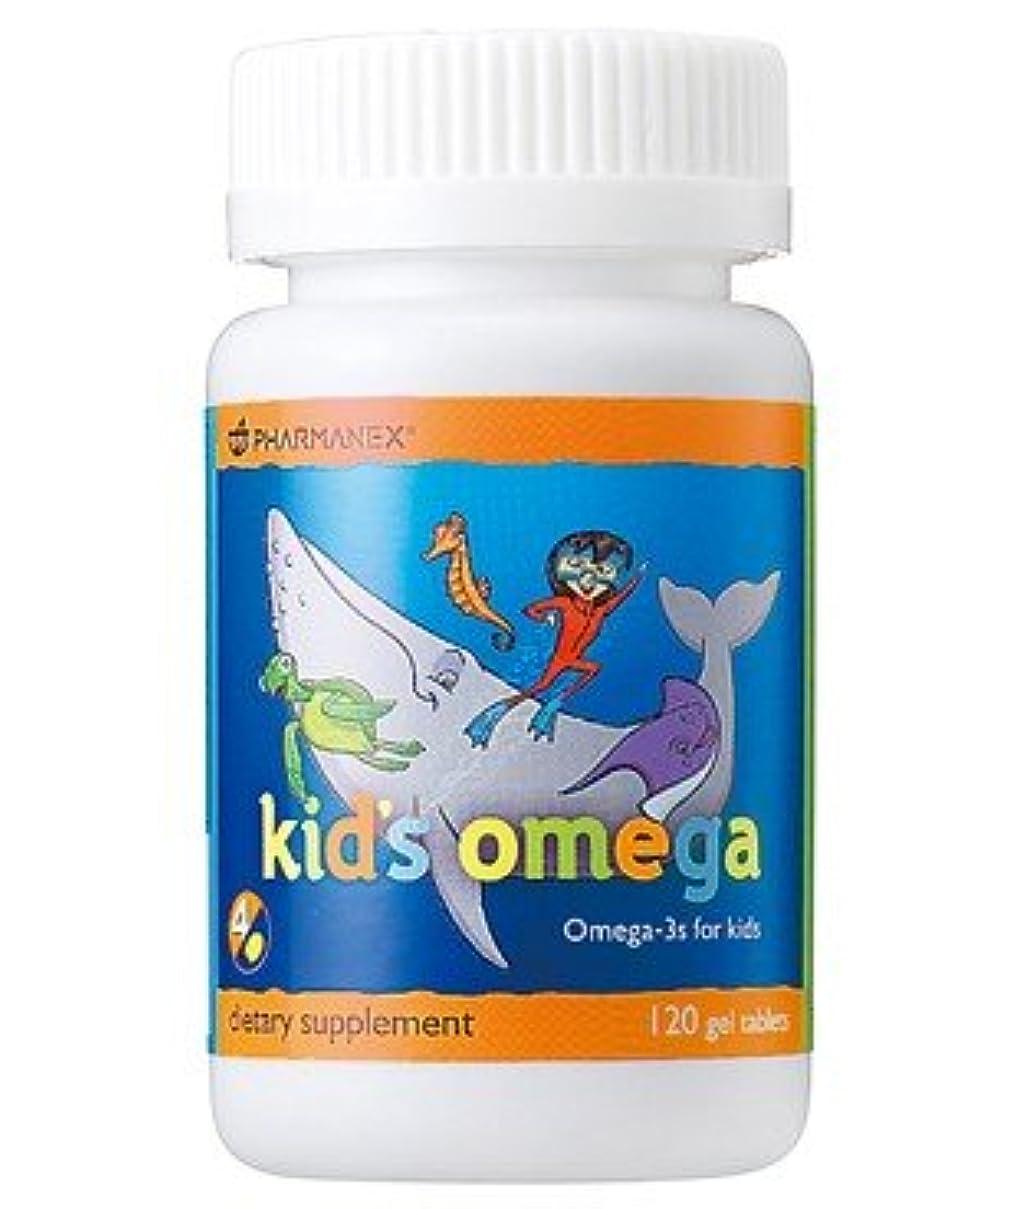 見捨てる他の場所怠な子供用オメガ3系脂肪酸 キッズオメガ NUSKIN ニュースキン